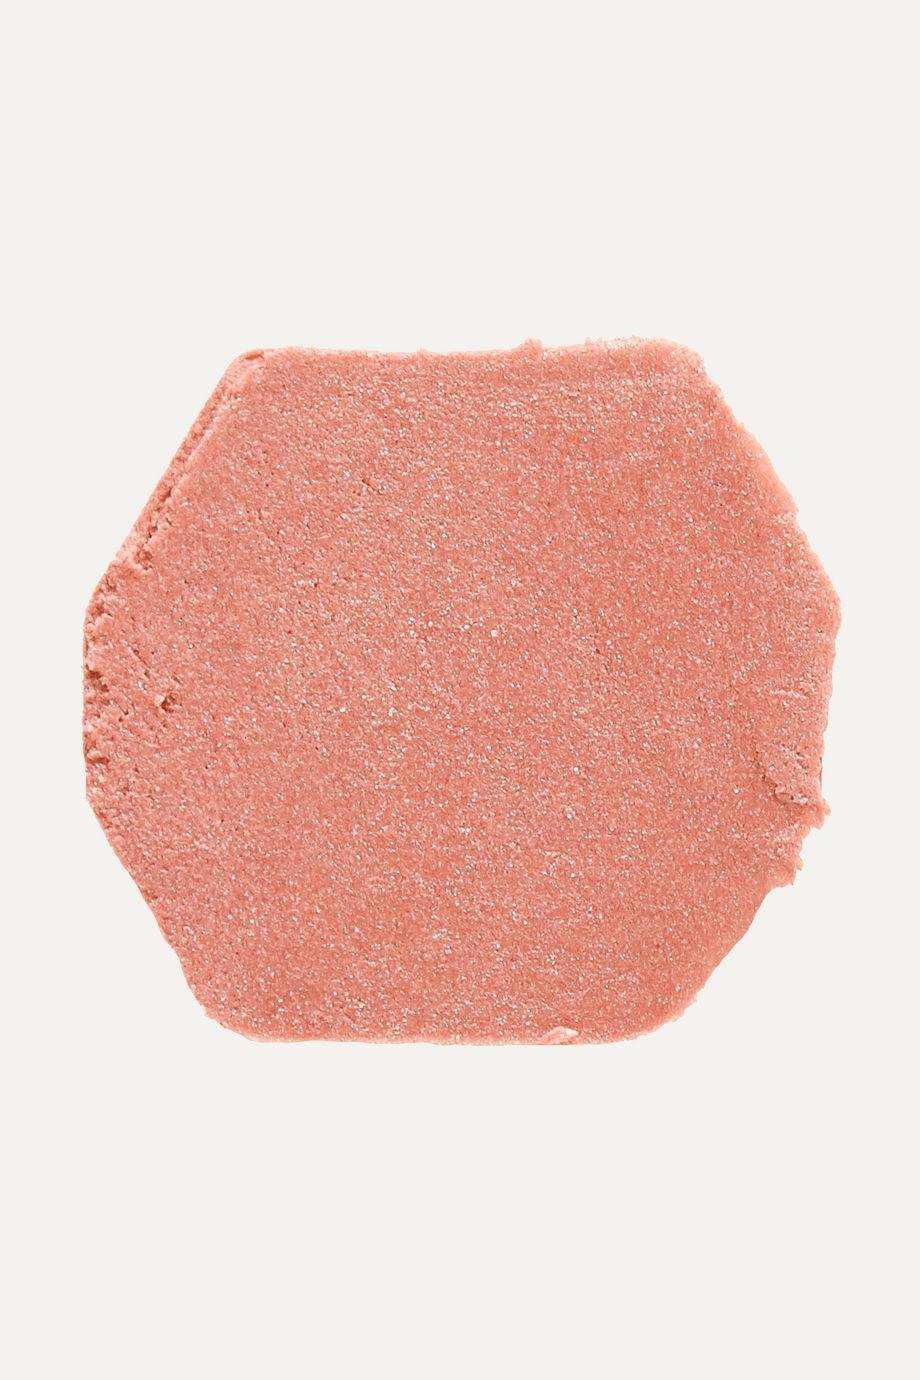 MAKE Beauty Matte Lipstick - Nude